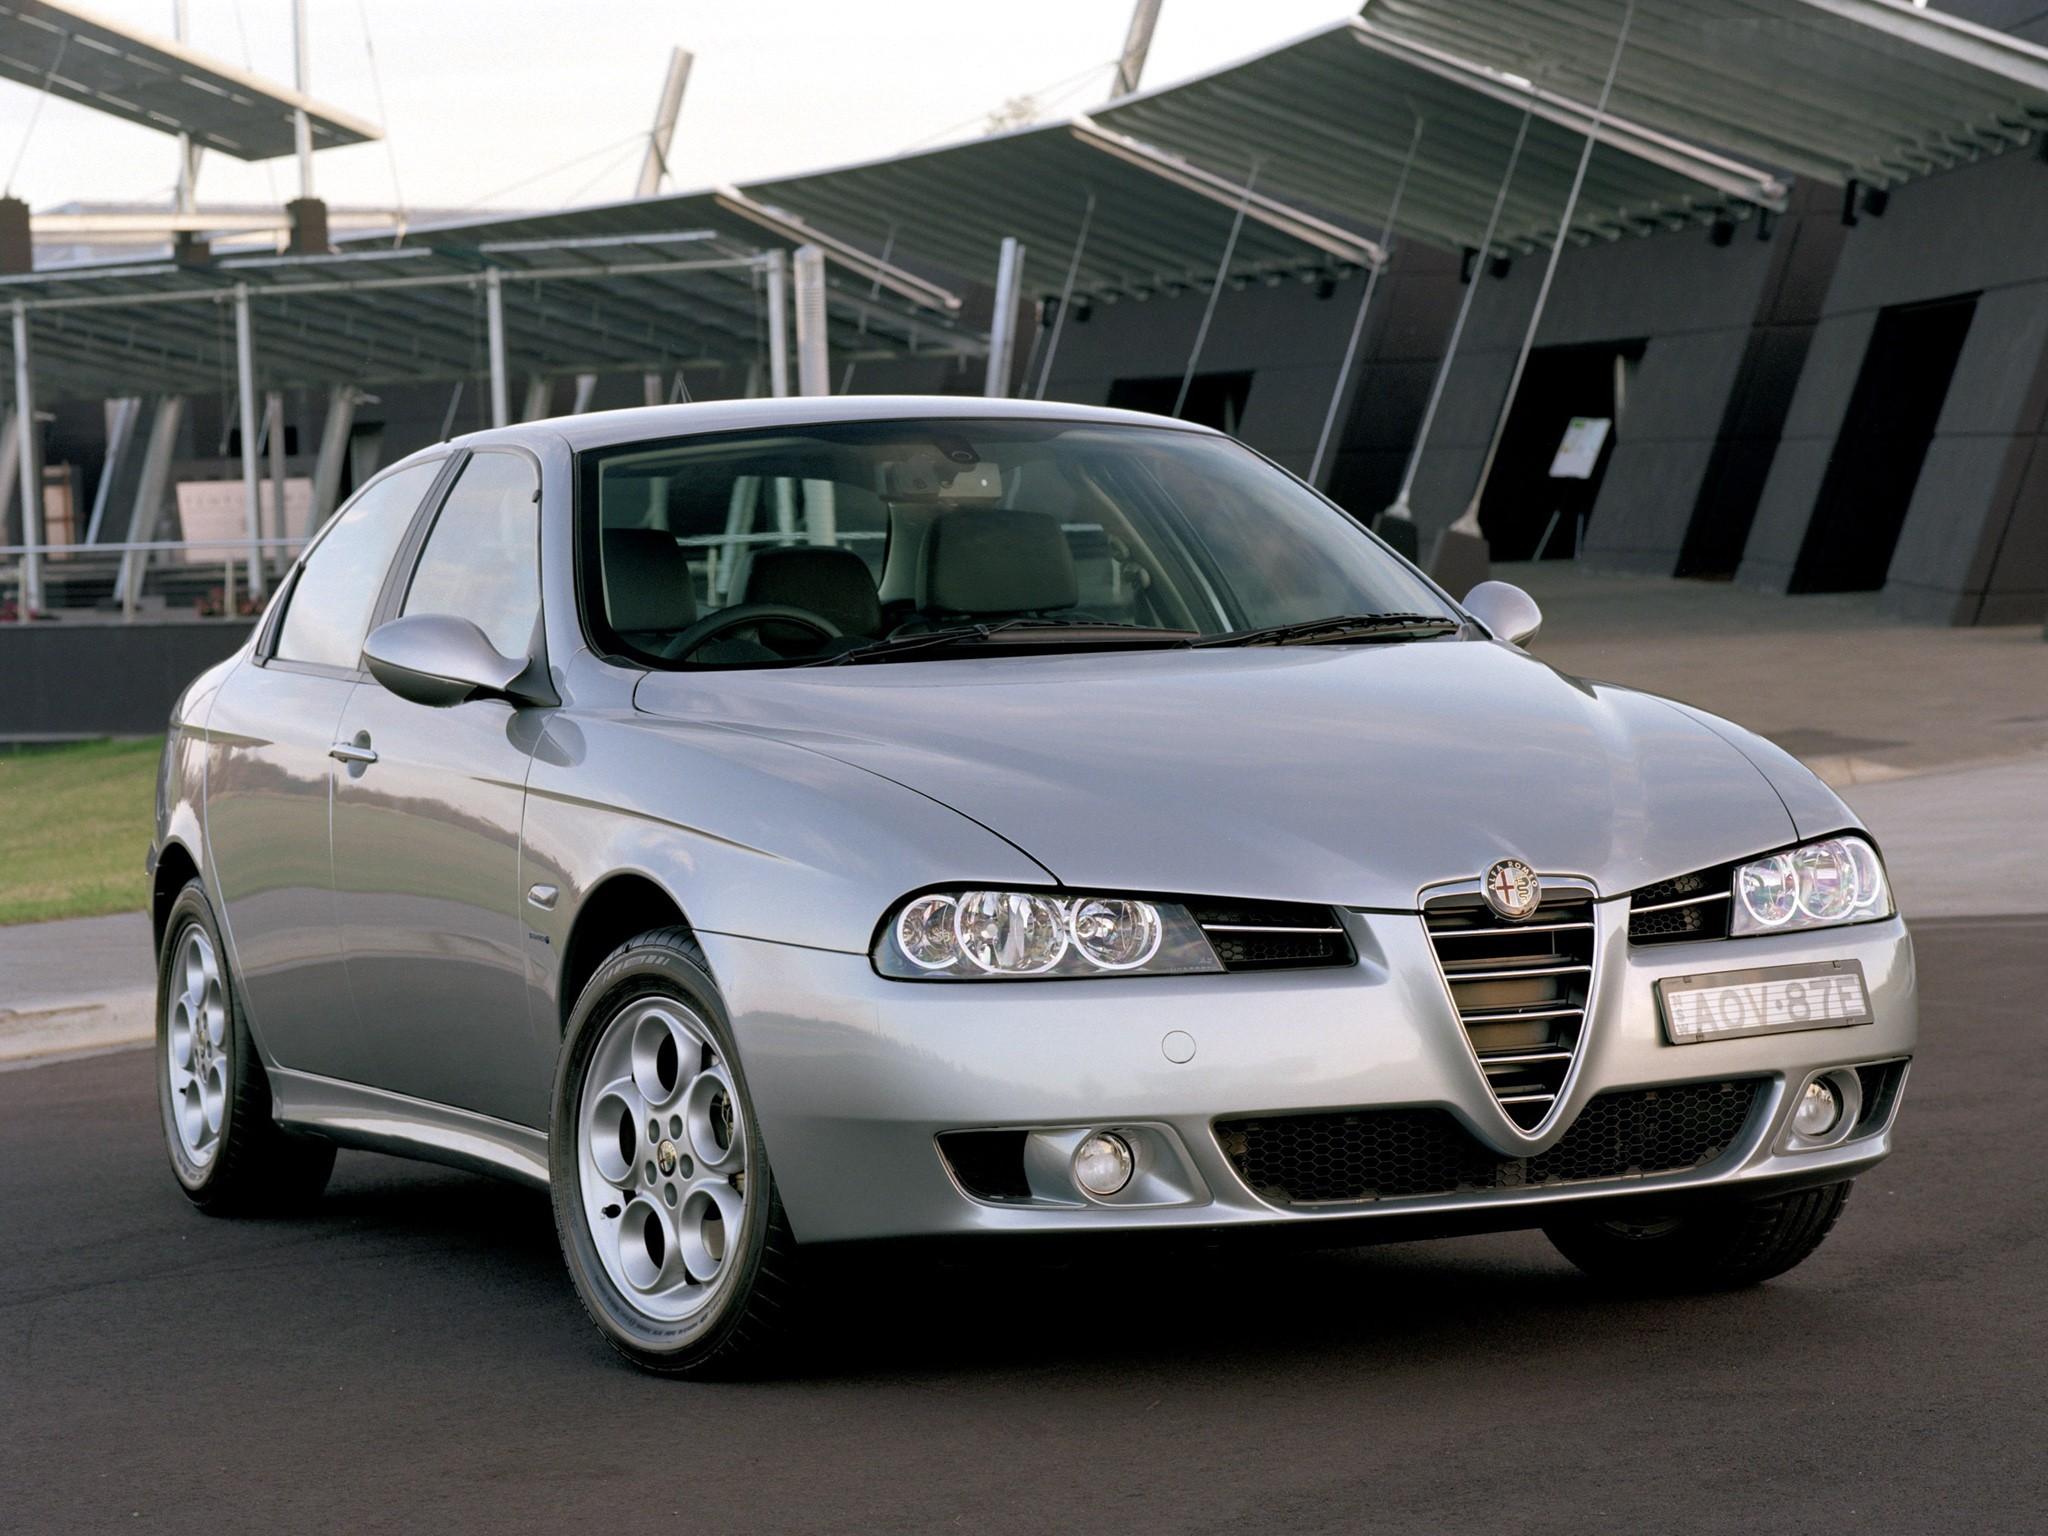 Alfa romeo 156 v6 for sale australia 15